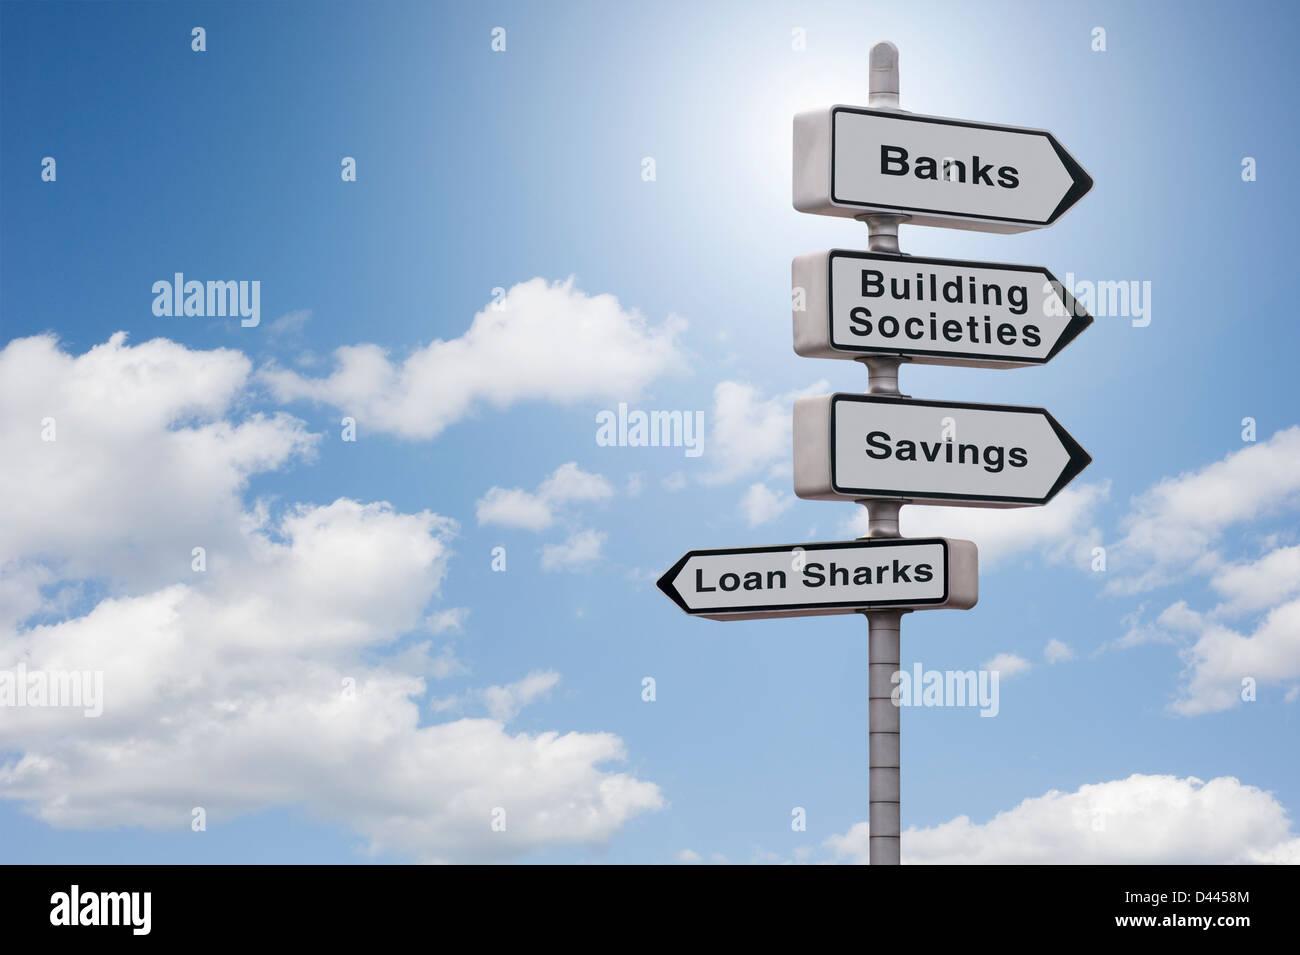 Firmar con los bancos, sociedades de construcción, el ahorro hacia la derecha y usureros hacia la izquierda Imagen De Stock